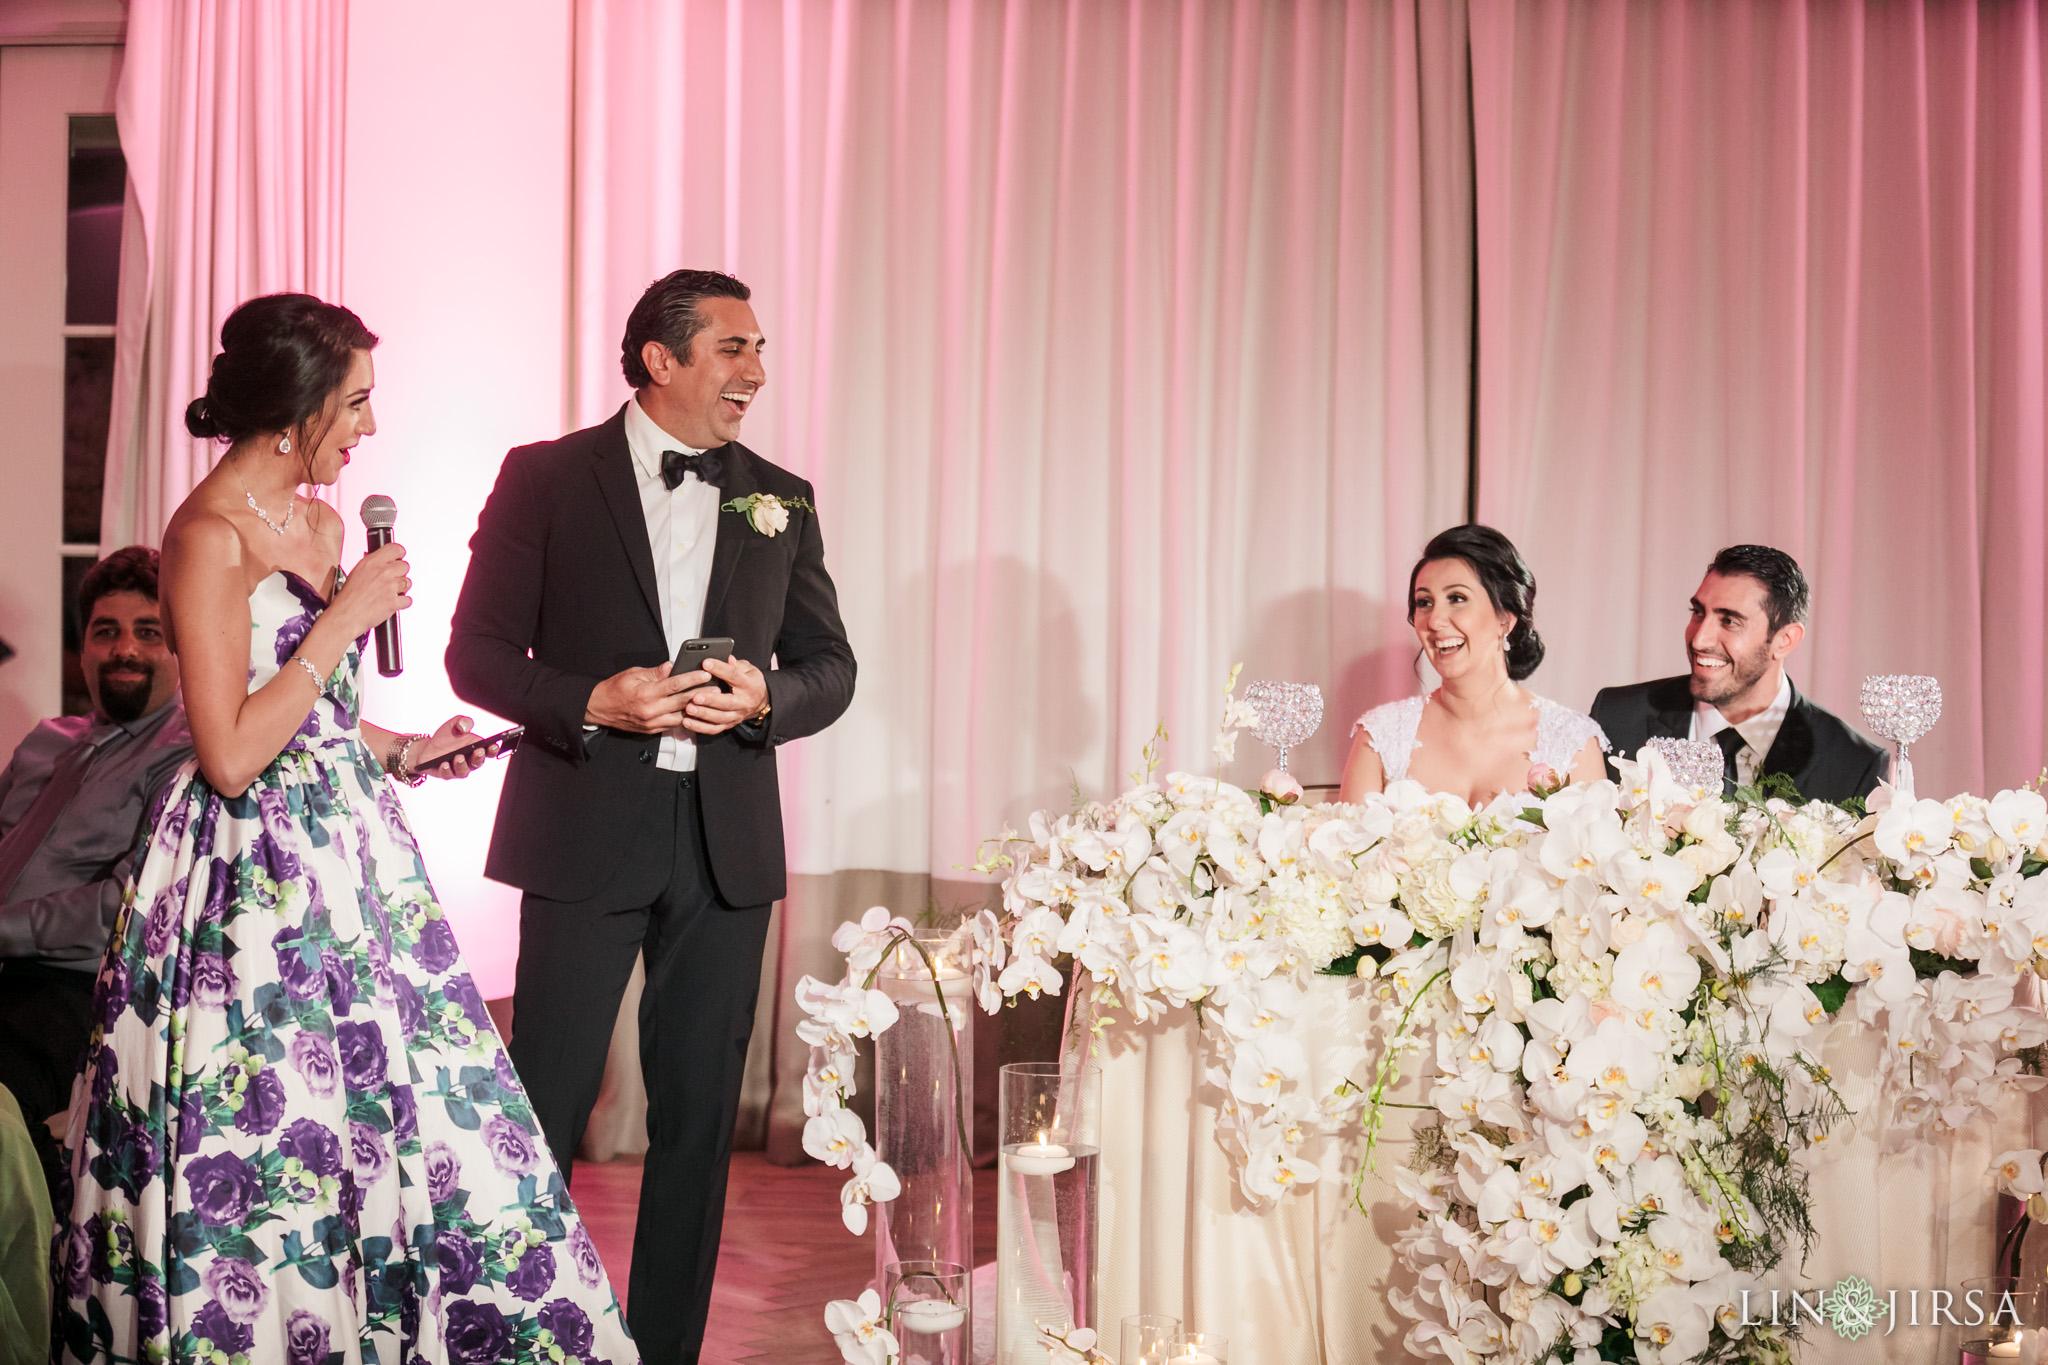 048 estancia la jolla hotel spa persian wedding reception photography